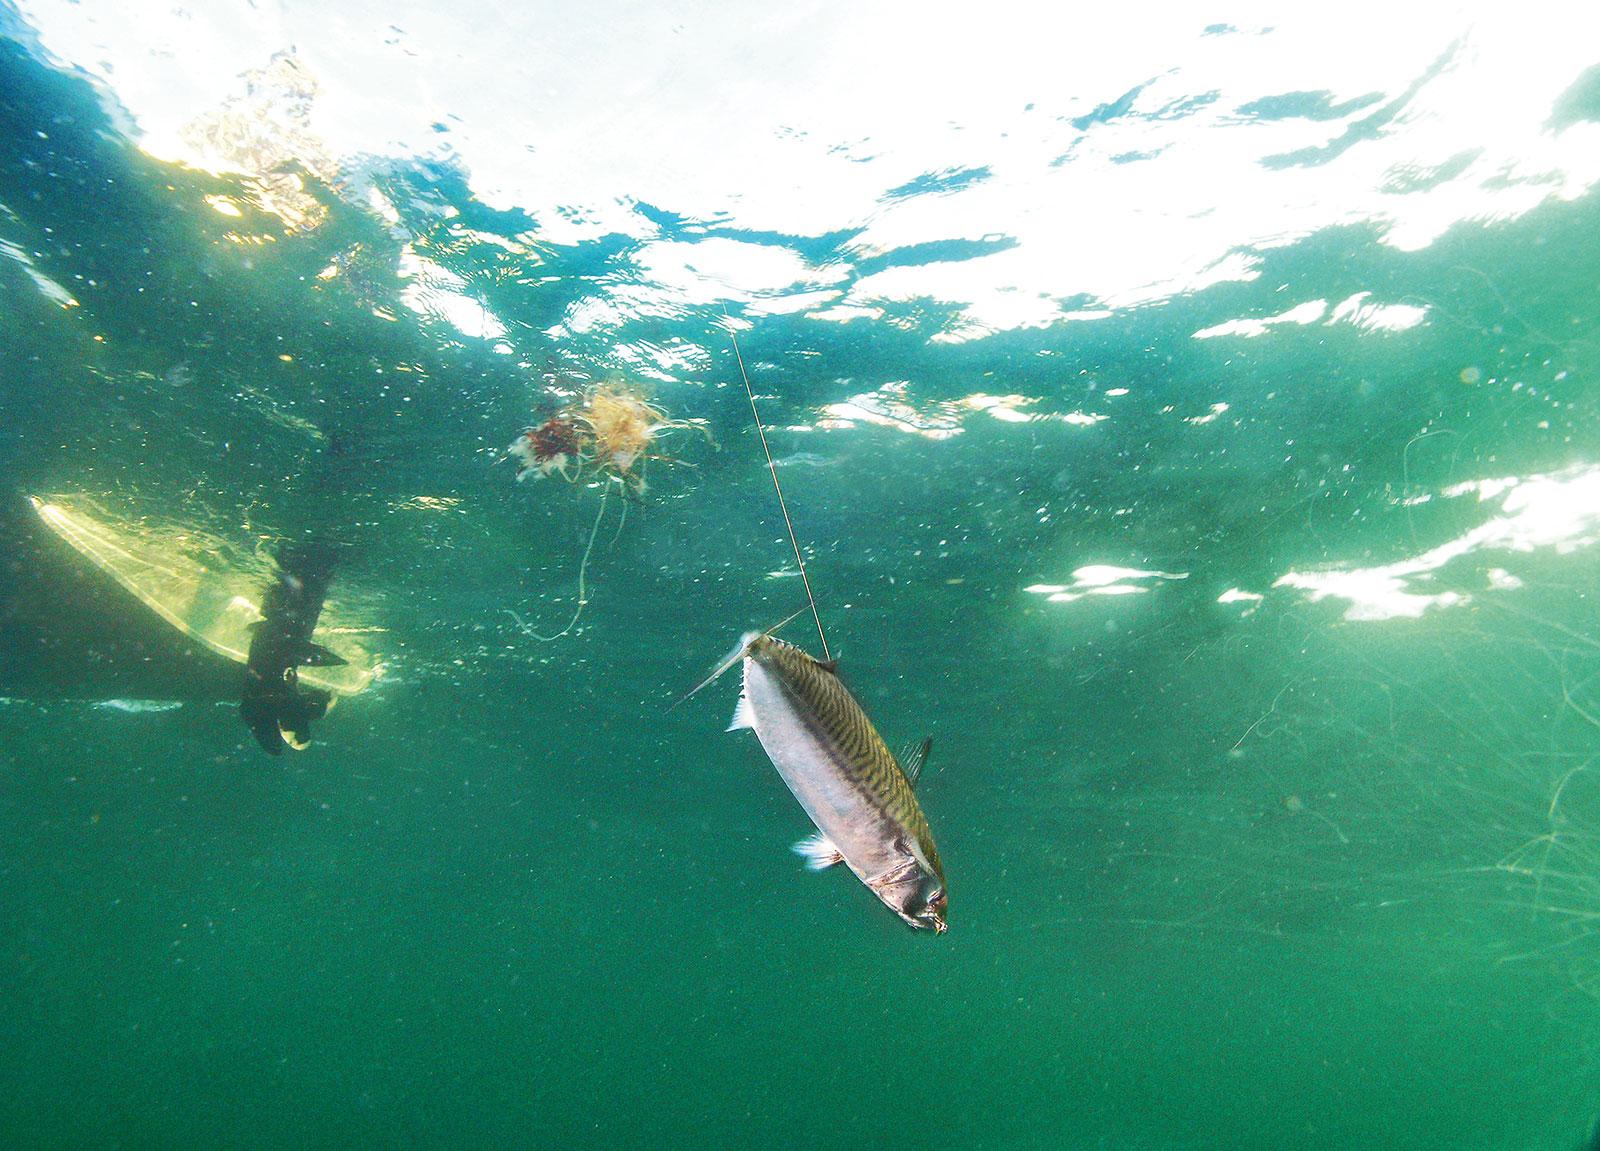 Makreljagt med fluegrejet